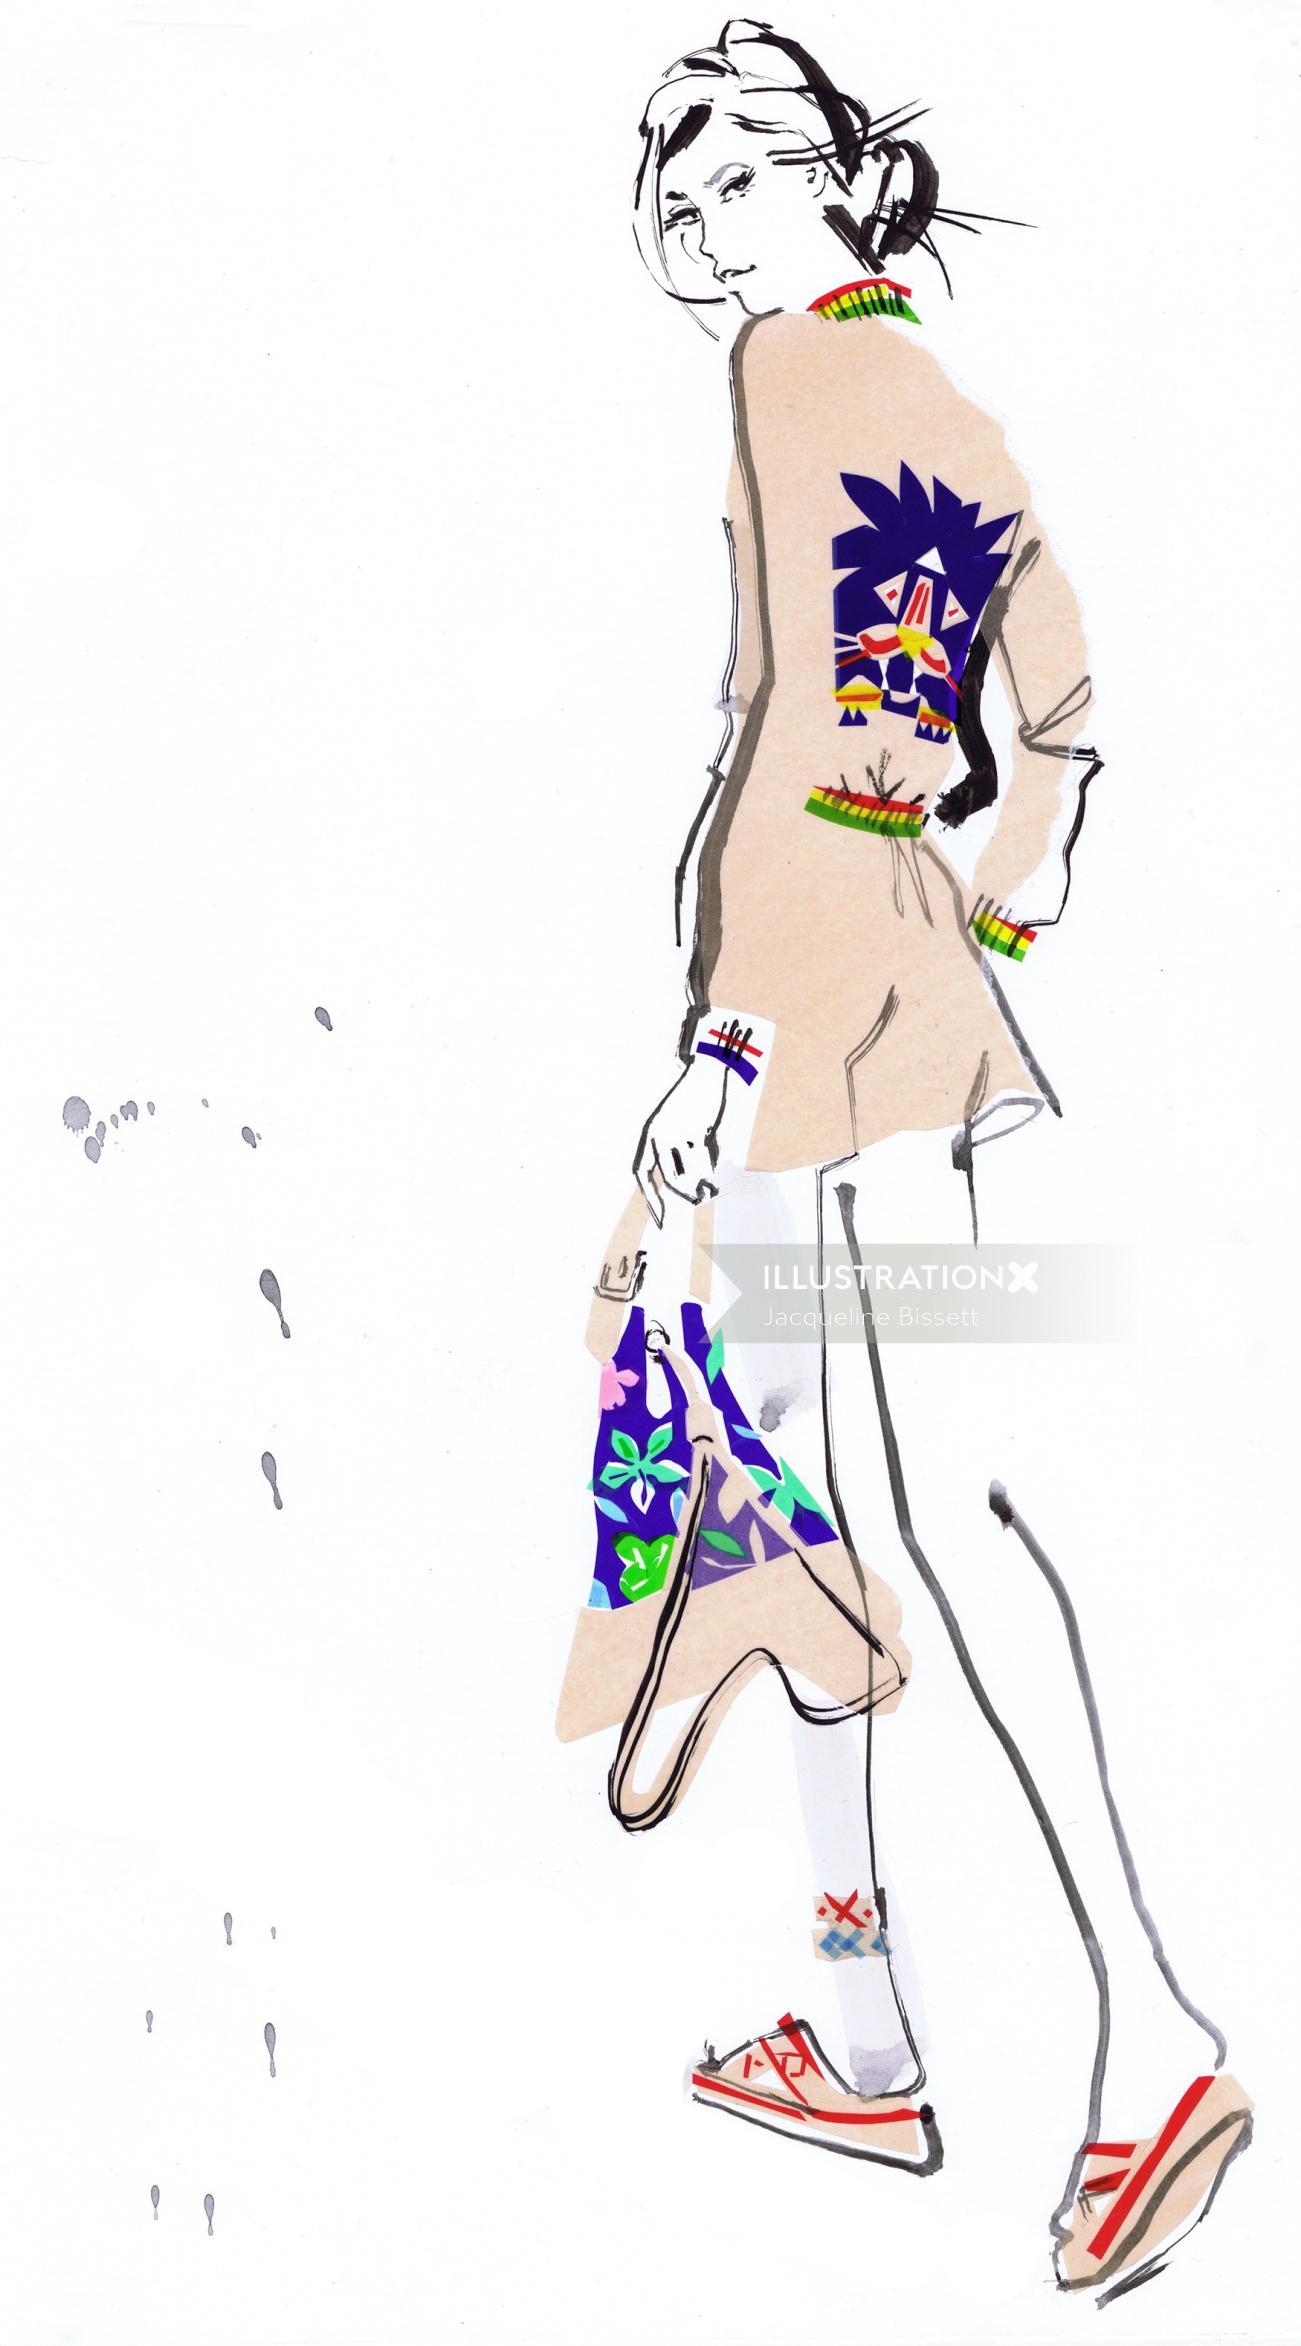 Illustration for Tommy Hilfiger